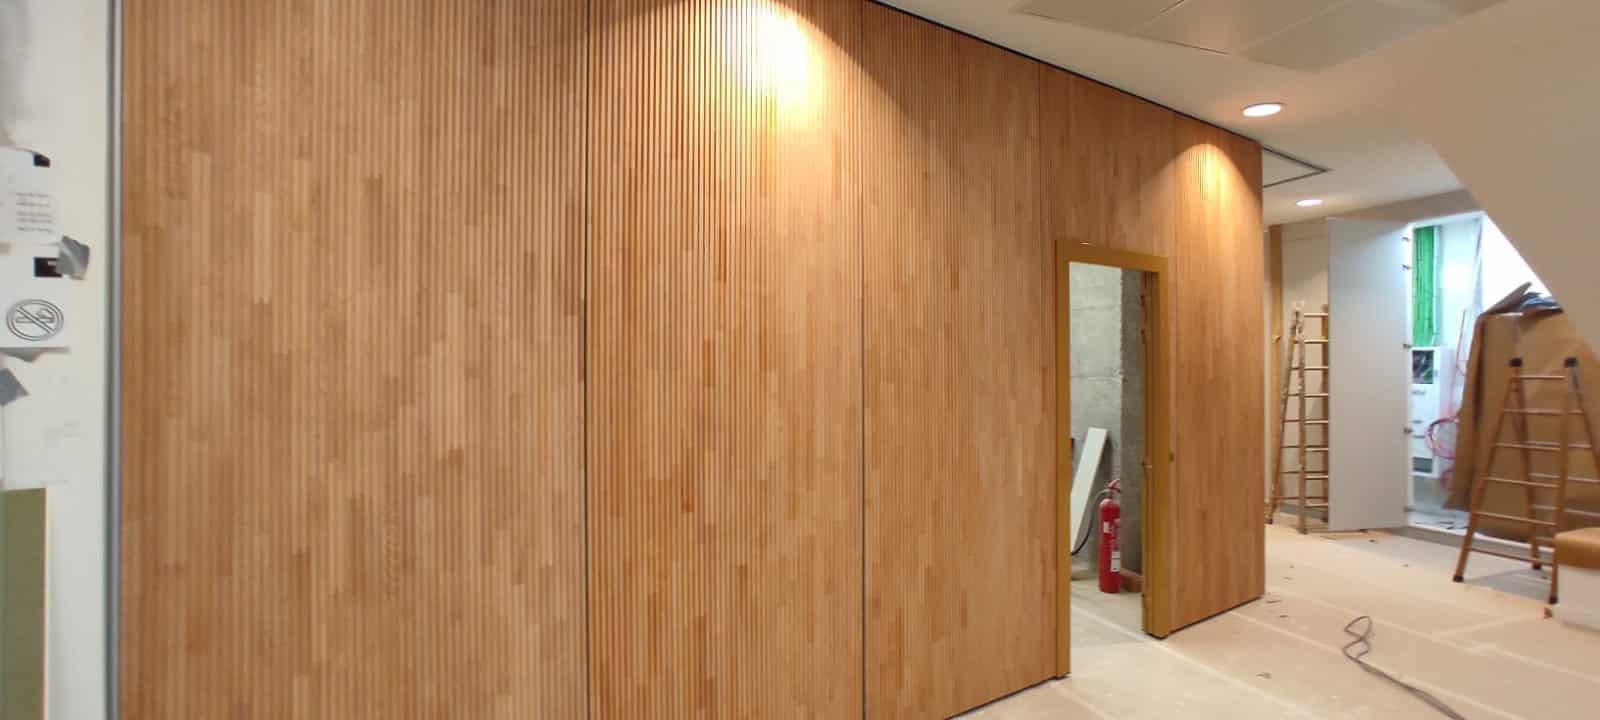 Tabique móvil de madera en oficina - Vimetra.com